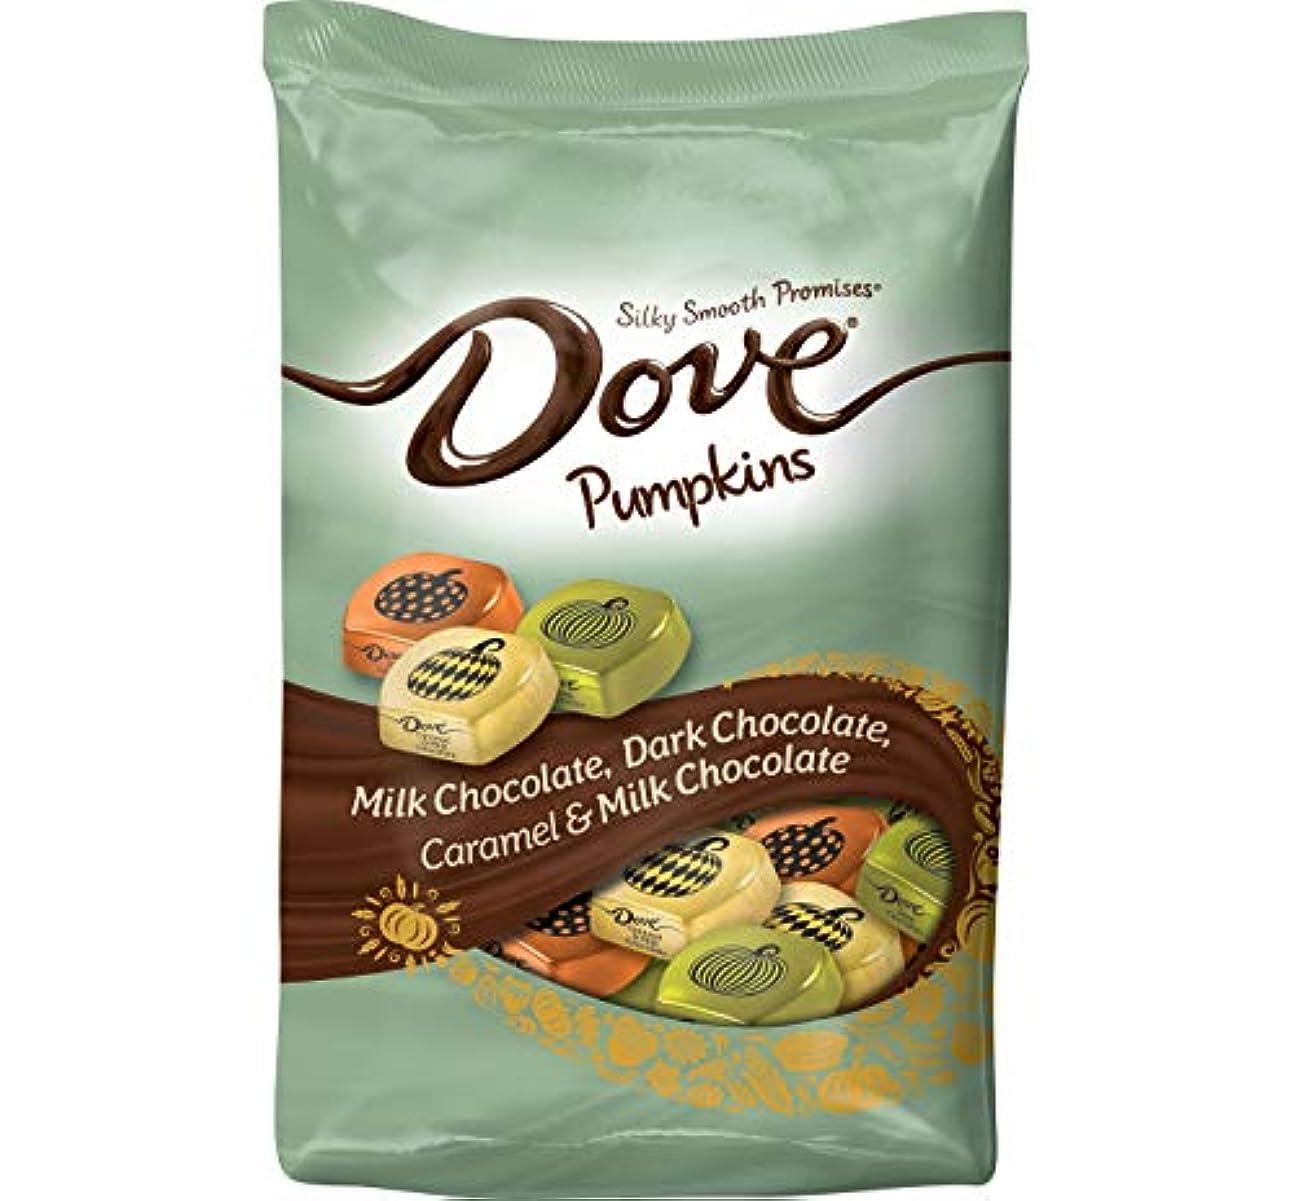 滑りやすいギャップDove Chocolates Mixed Harvest Premium Halloween ドーブチョコレートミックスドハーベストプレミアムハロウィンミックス670g [並行輸入品]